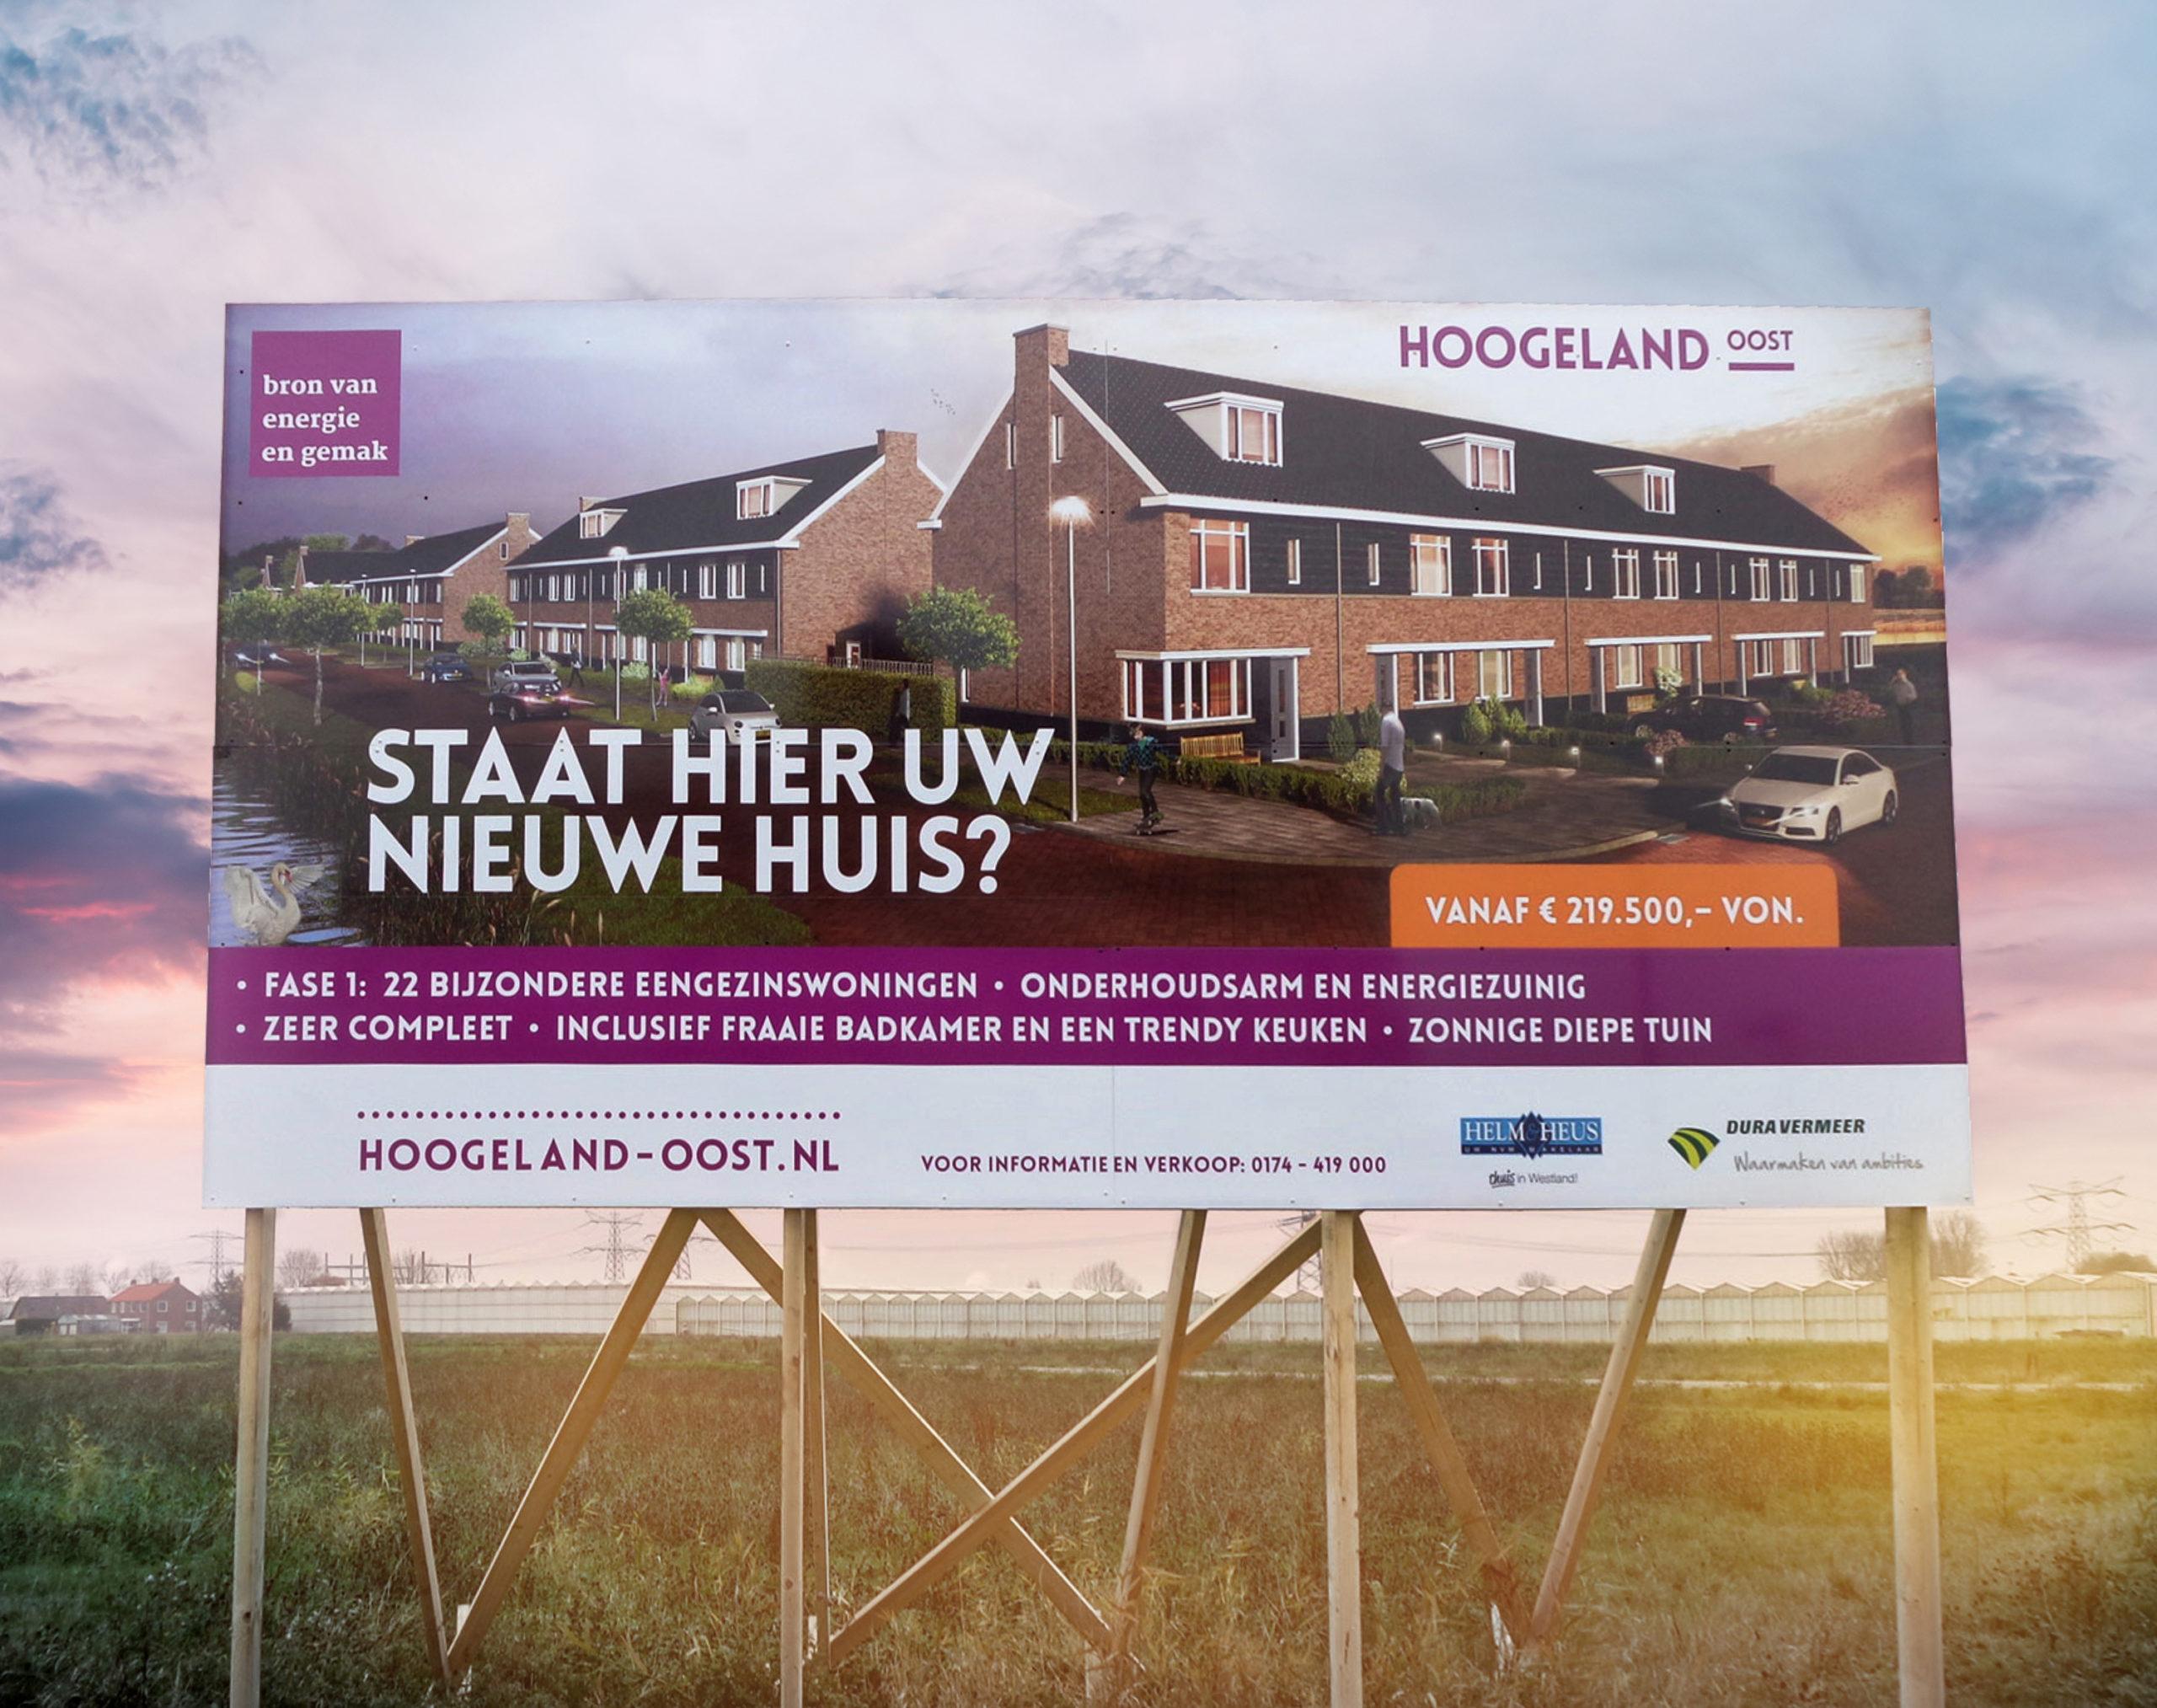 Bouwbord voor Hoogeland-Oost